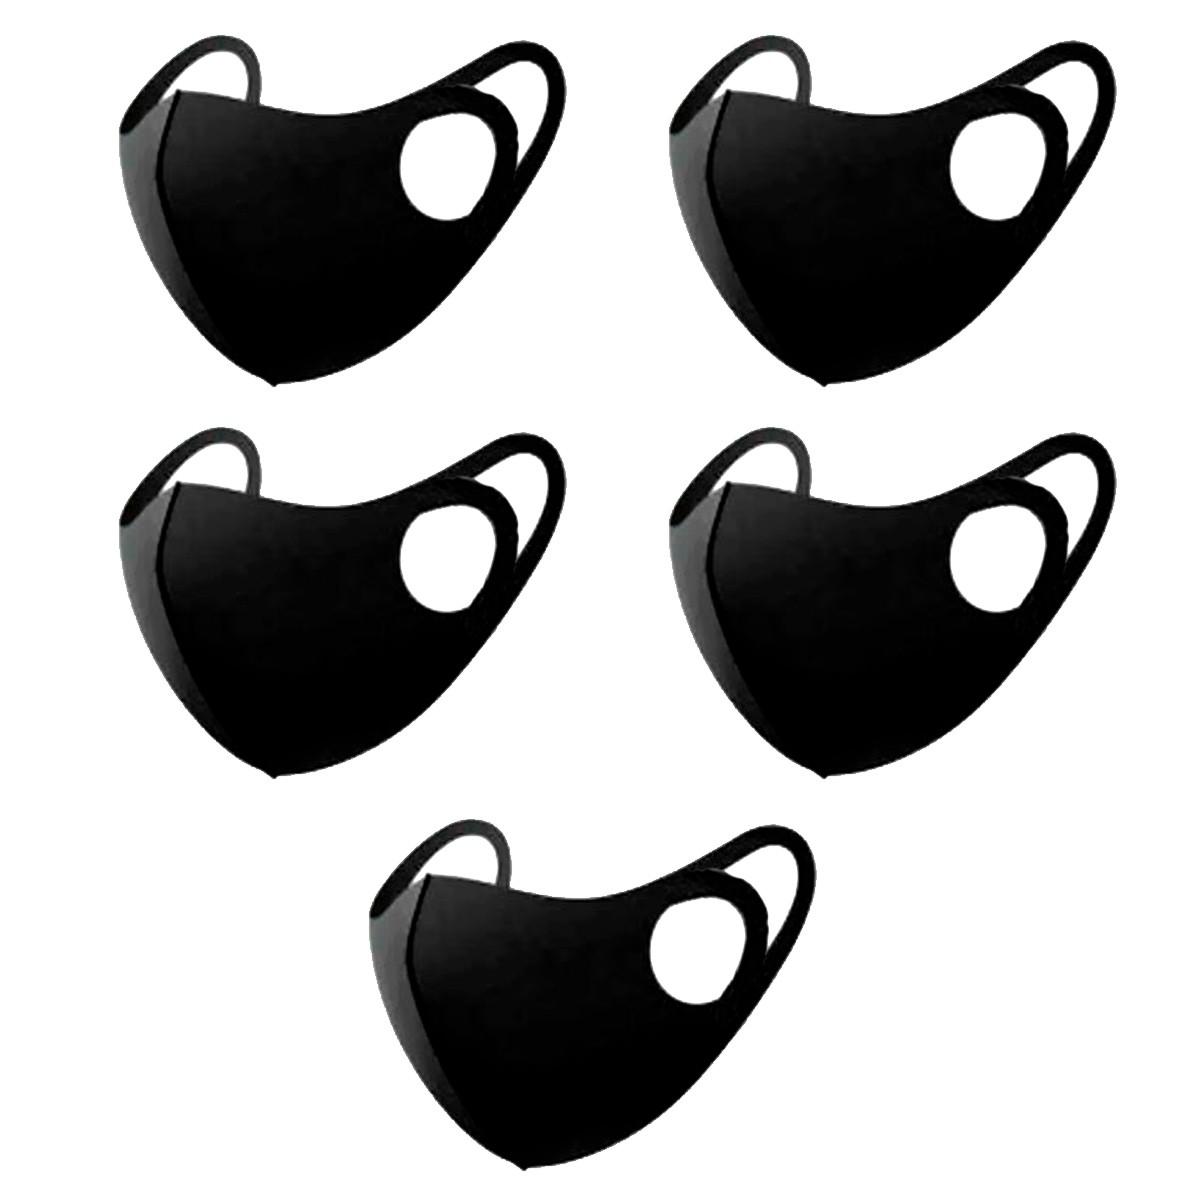 Kit 5 Máscaras NEOPRENE Emborrachada Lavável Higienizável